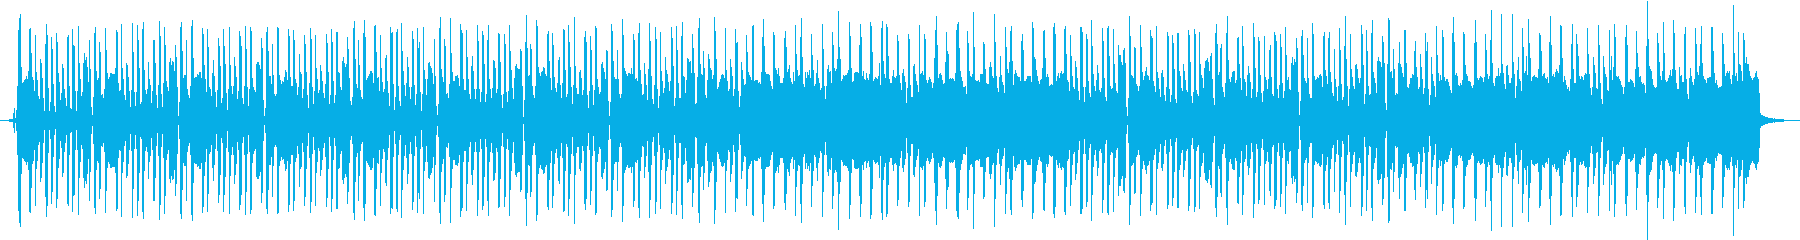 実験的な岩 バックシェイク ポジテ...の再生済みの波形